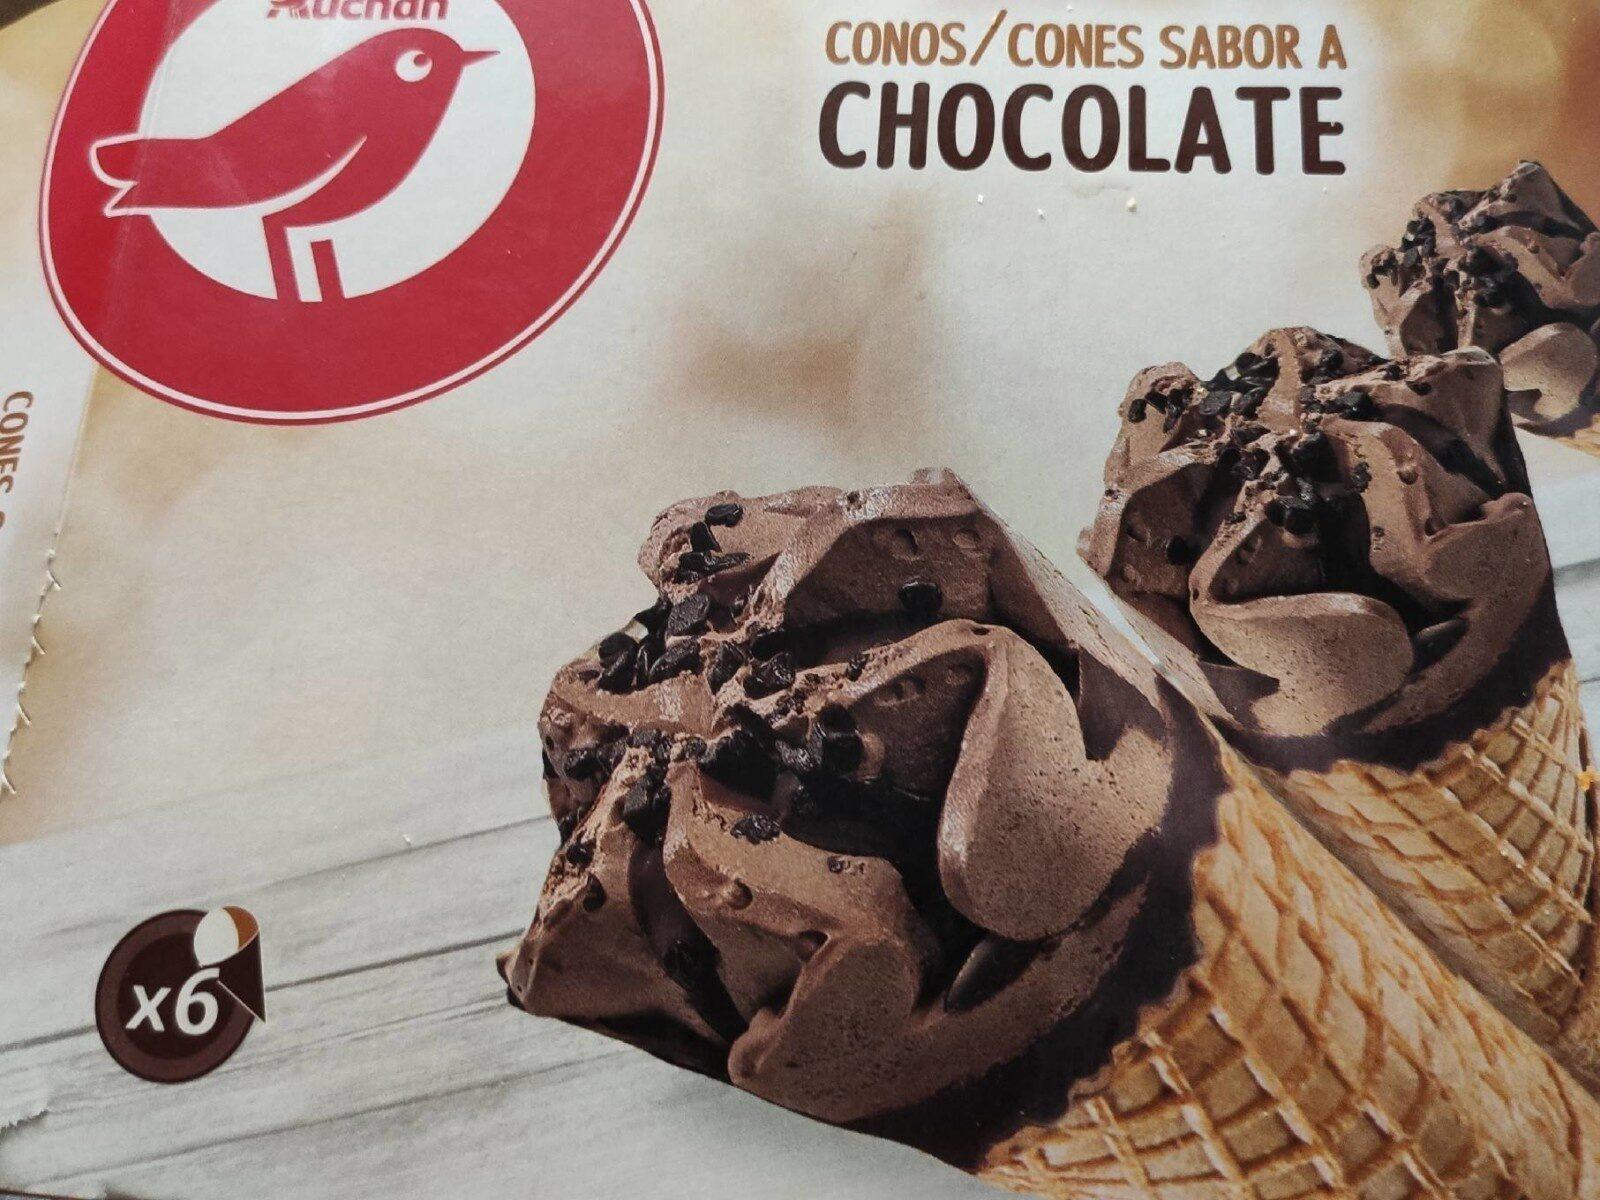 Cono sabor chocolate - Producto